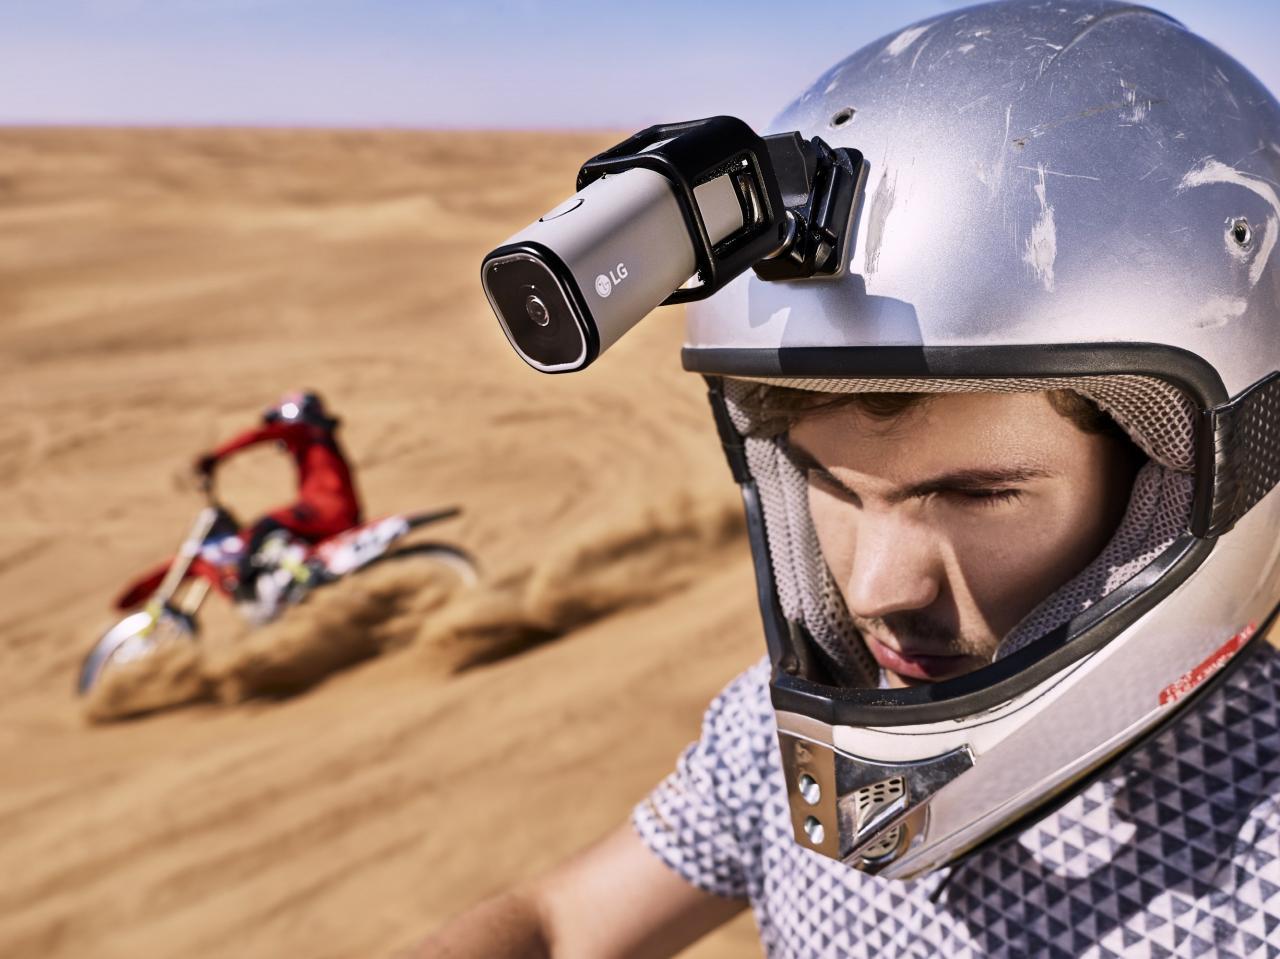 1 751364 - LG ra mắt camera hành trình tích hợp 4G mới